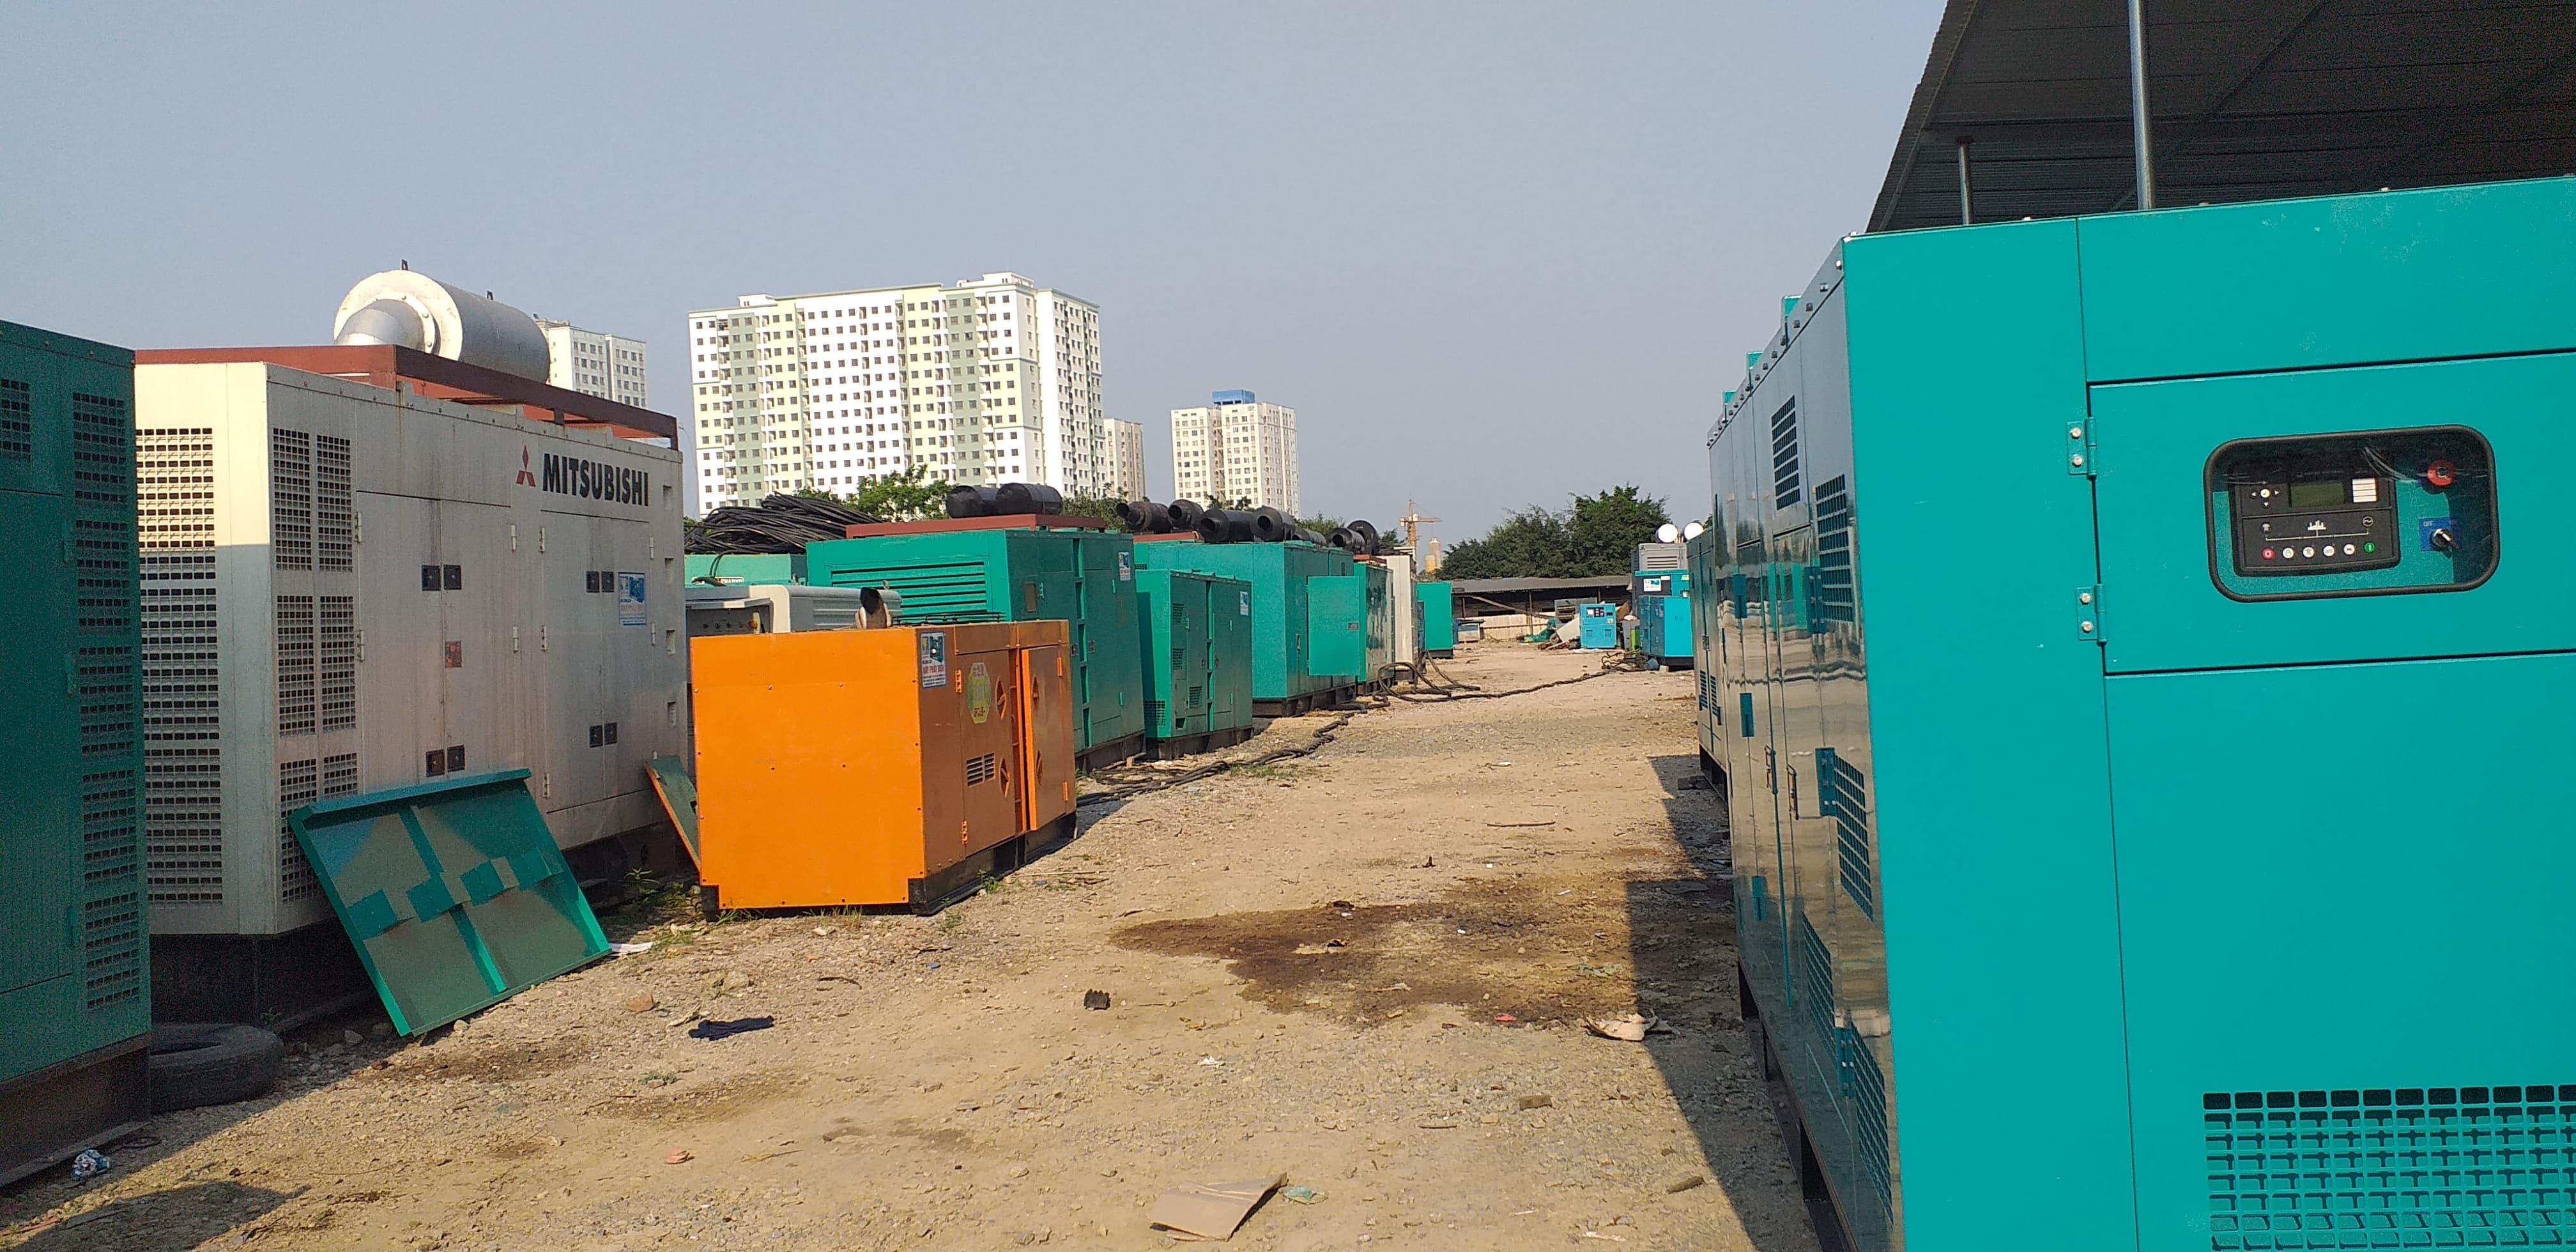 Bán và cho thuê máy phát điện tại các tỉnh Miền Bắc 0983 195 826